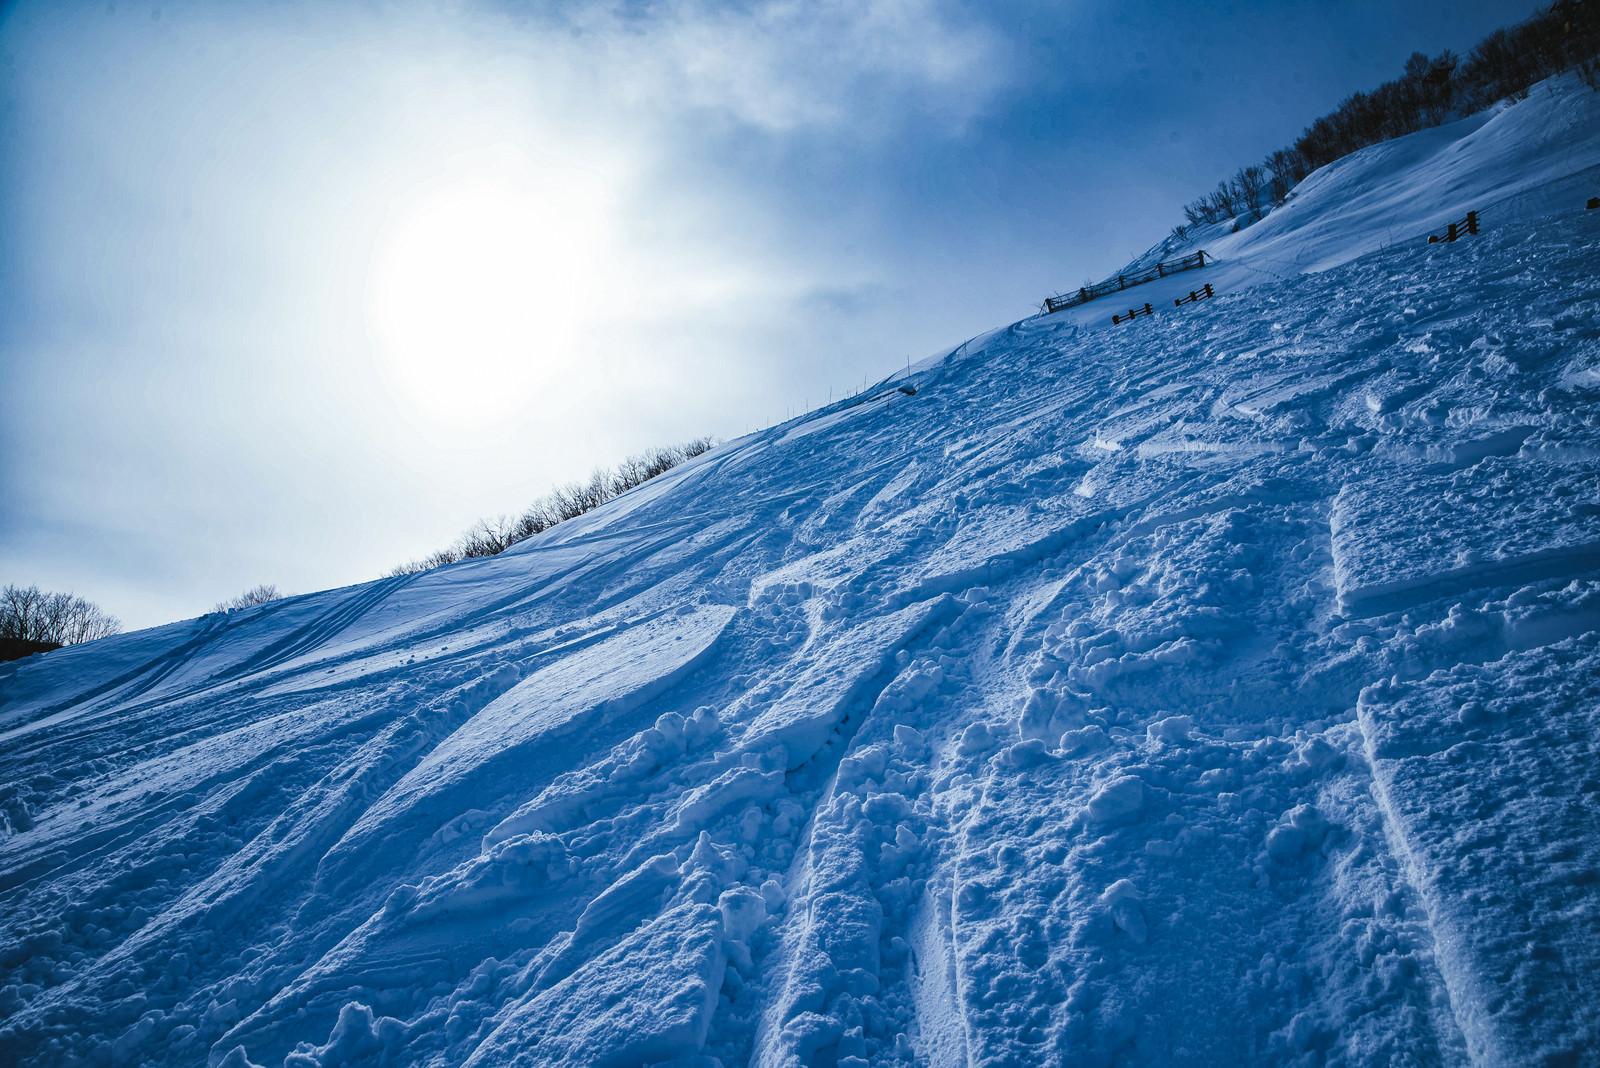 「雪の深いシュプール(未圧雪斜面)」の写真